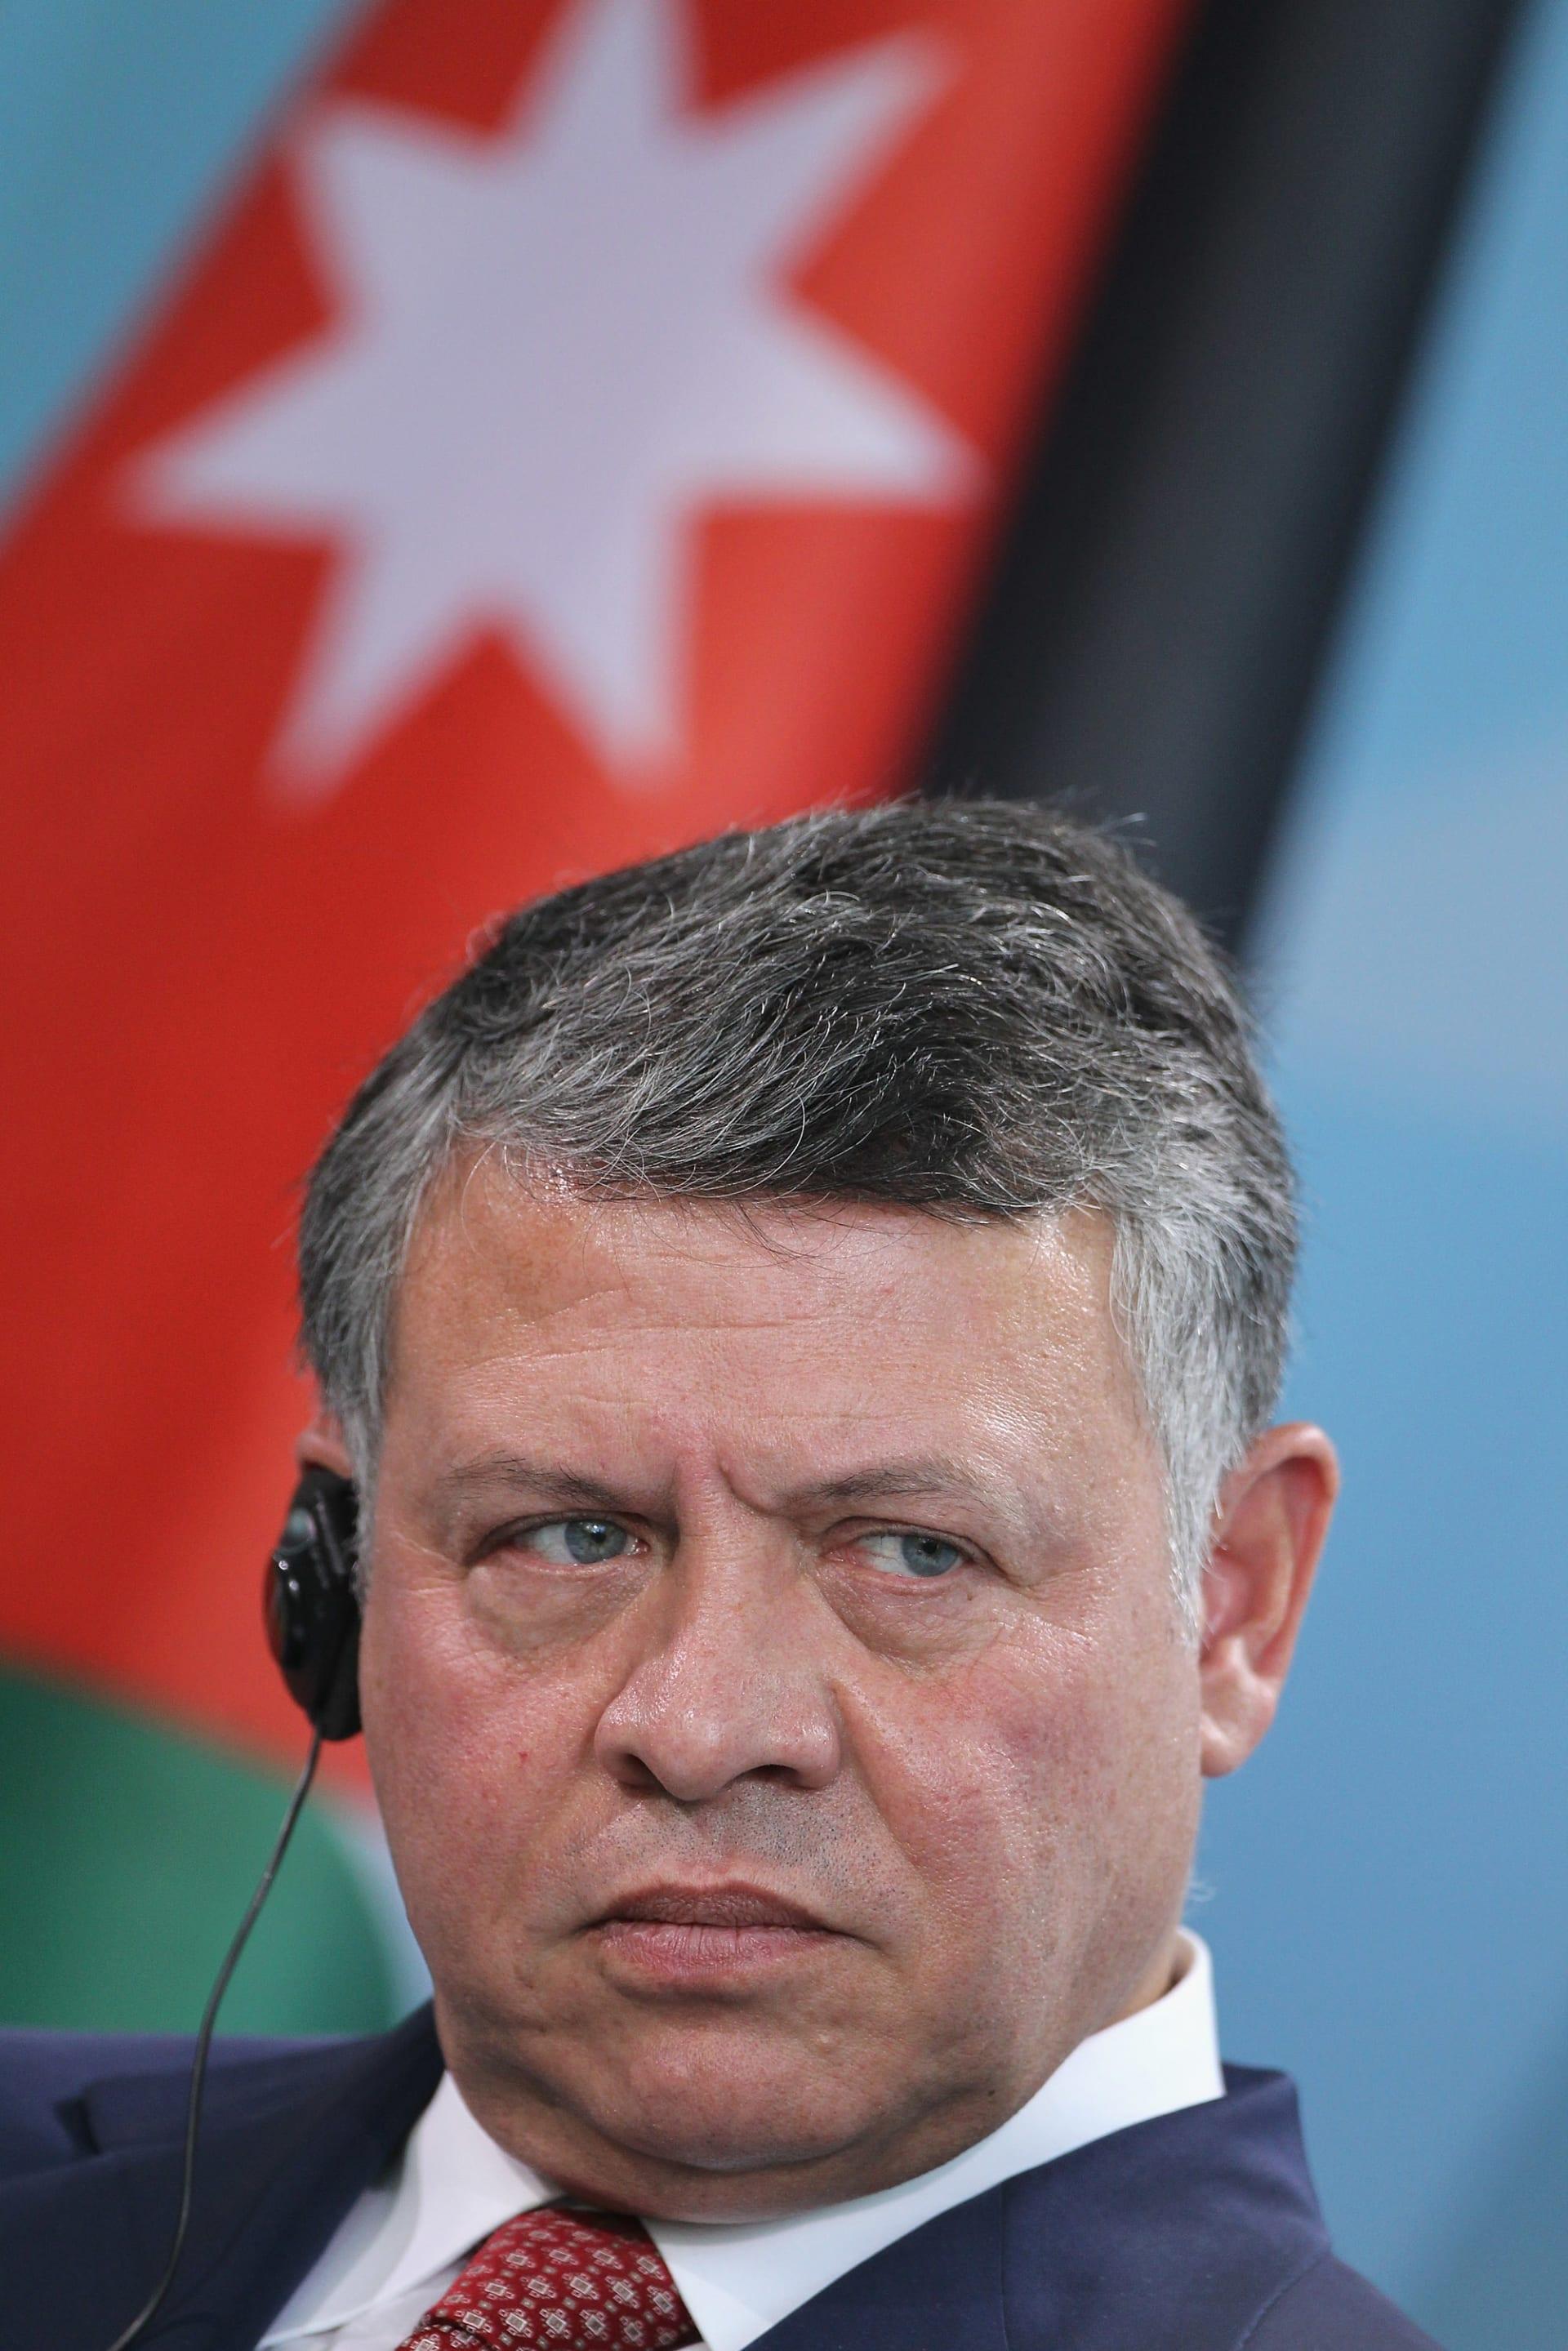 """وزير الخارجية الأردني من طهران: الإرهاب لا يعرف السنة والشيعة.. والملك عبدالله """"عميد آل البيت الأطهار"""" يرفض الإساءة للإسلام"""